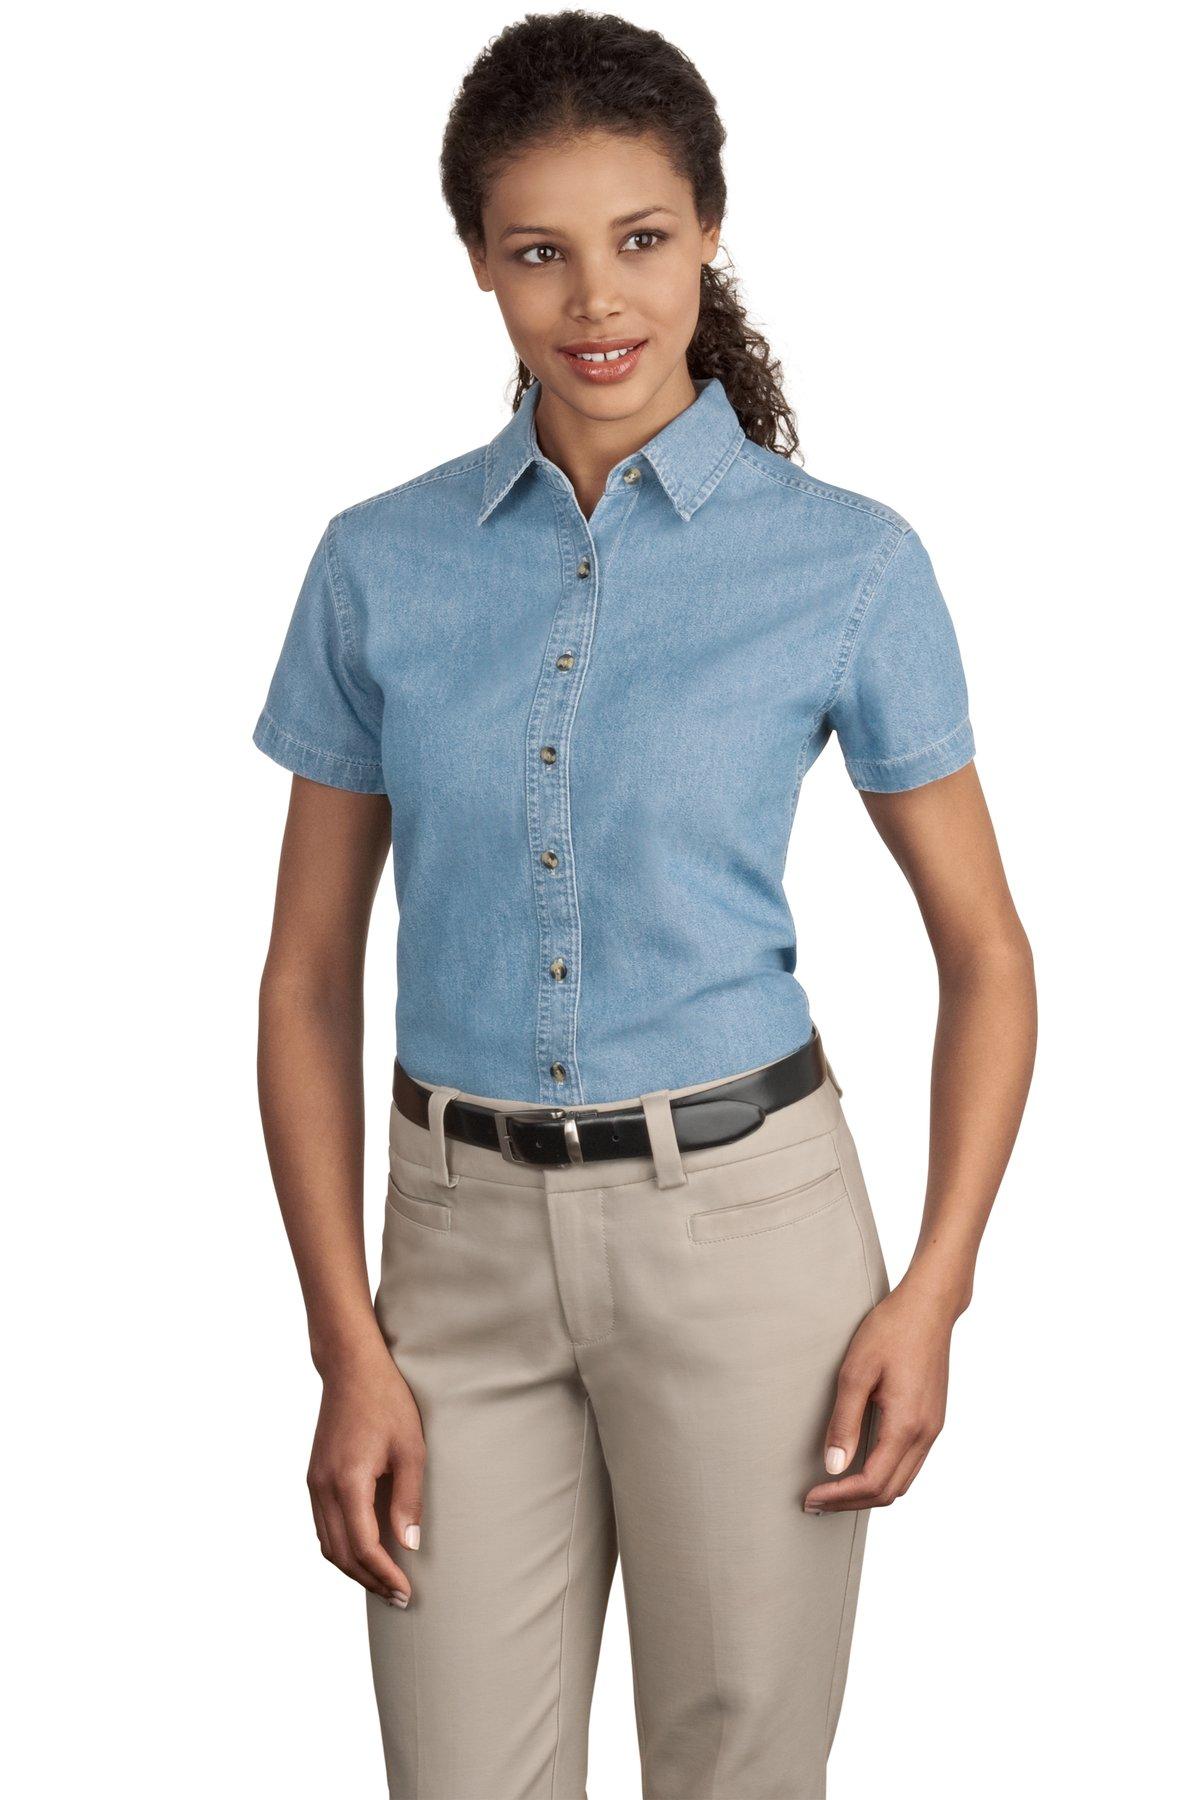 40f359e34b7 Port & Company Camisa de Mezclilla LSP11 Uniformes Empresariales